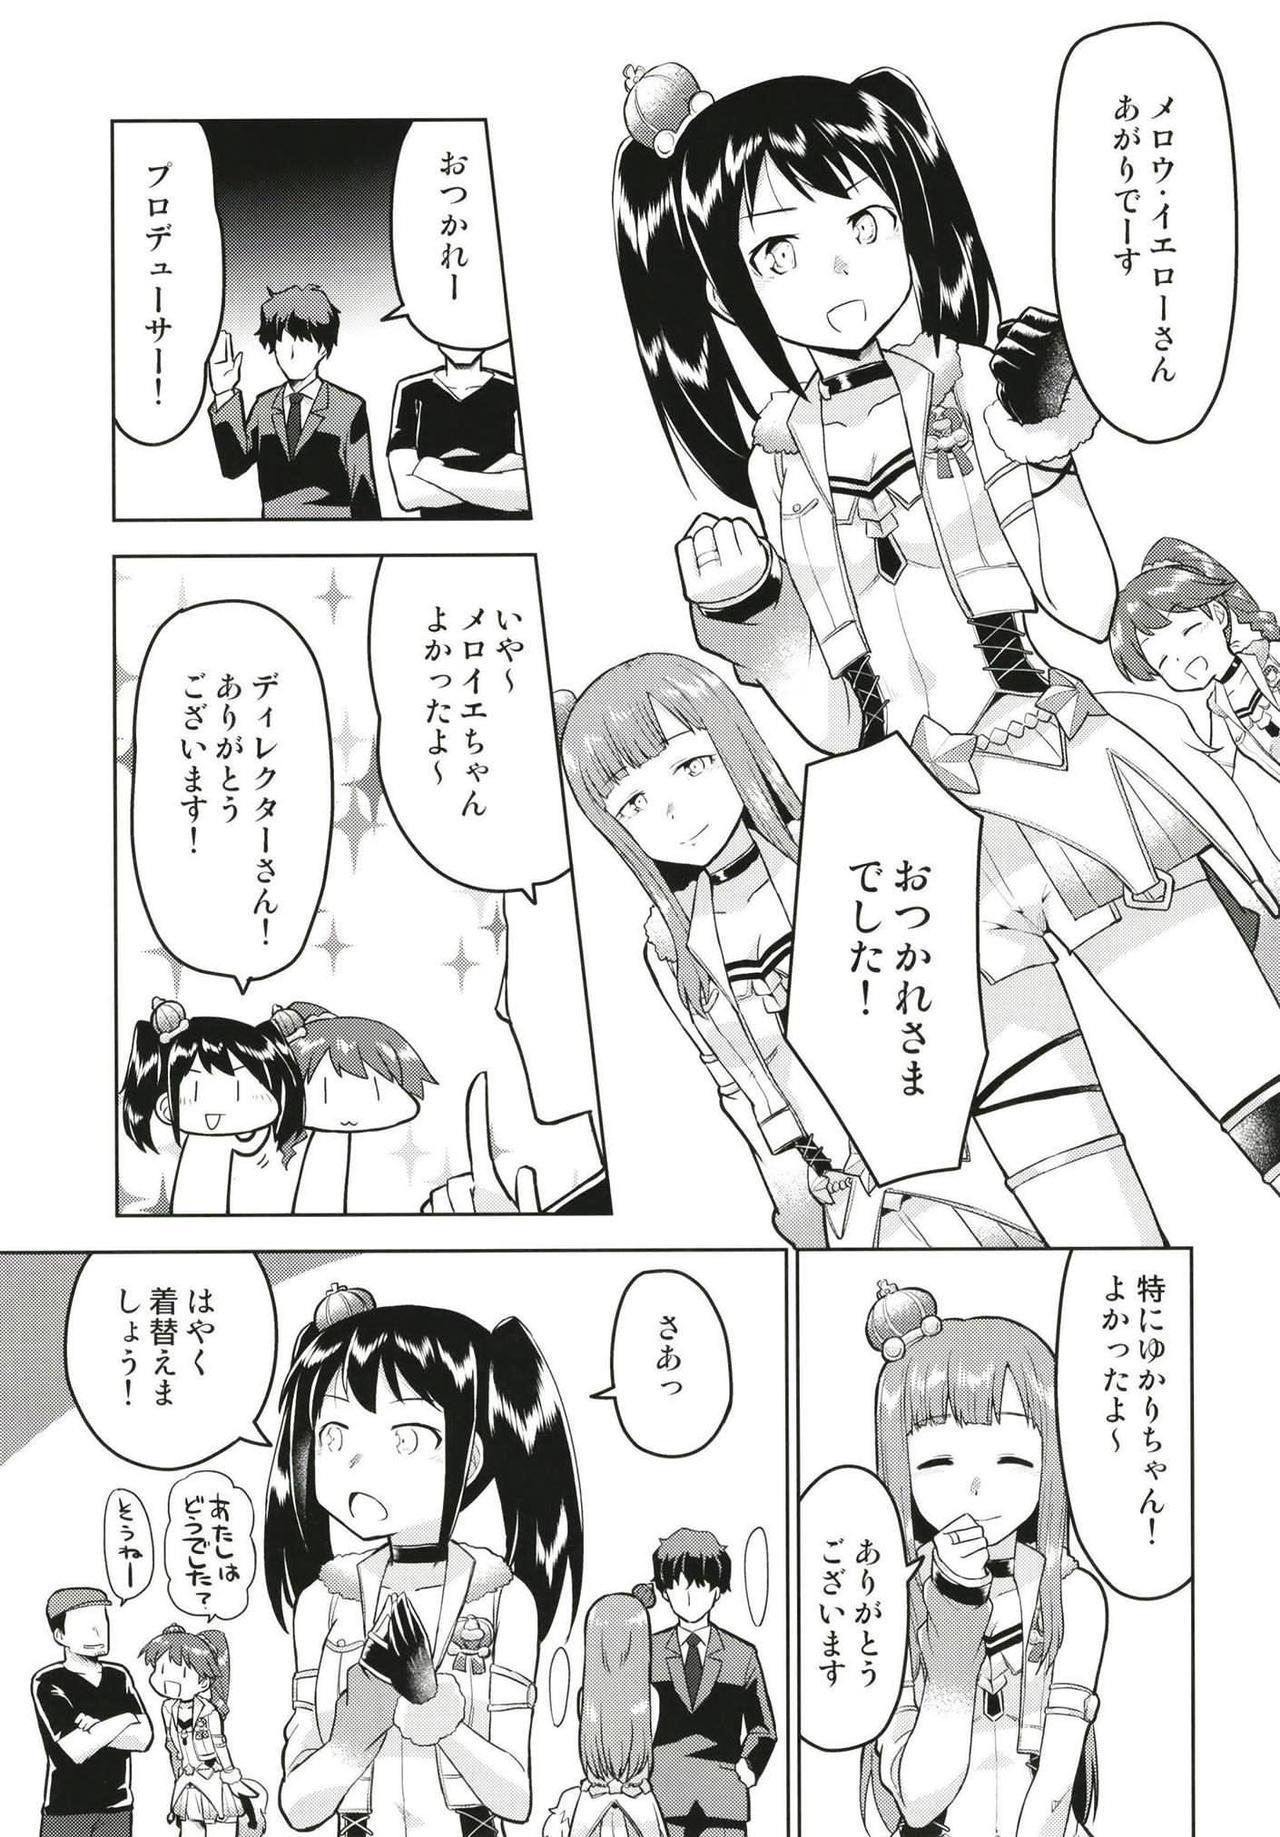 Anoko ni Naisho no Uchiawase 1